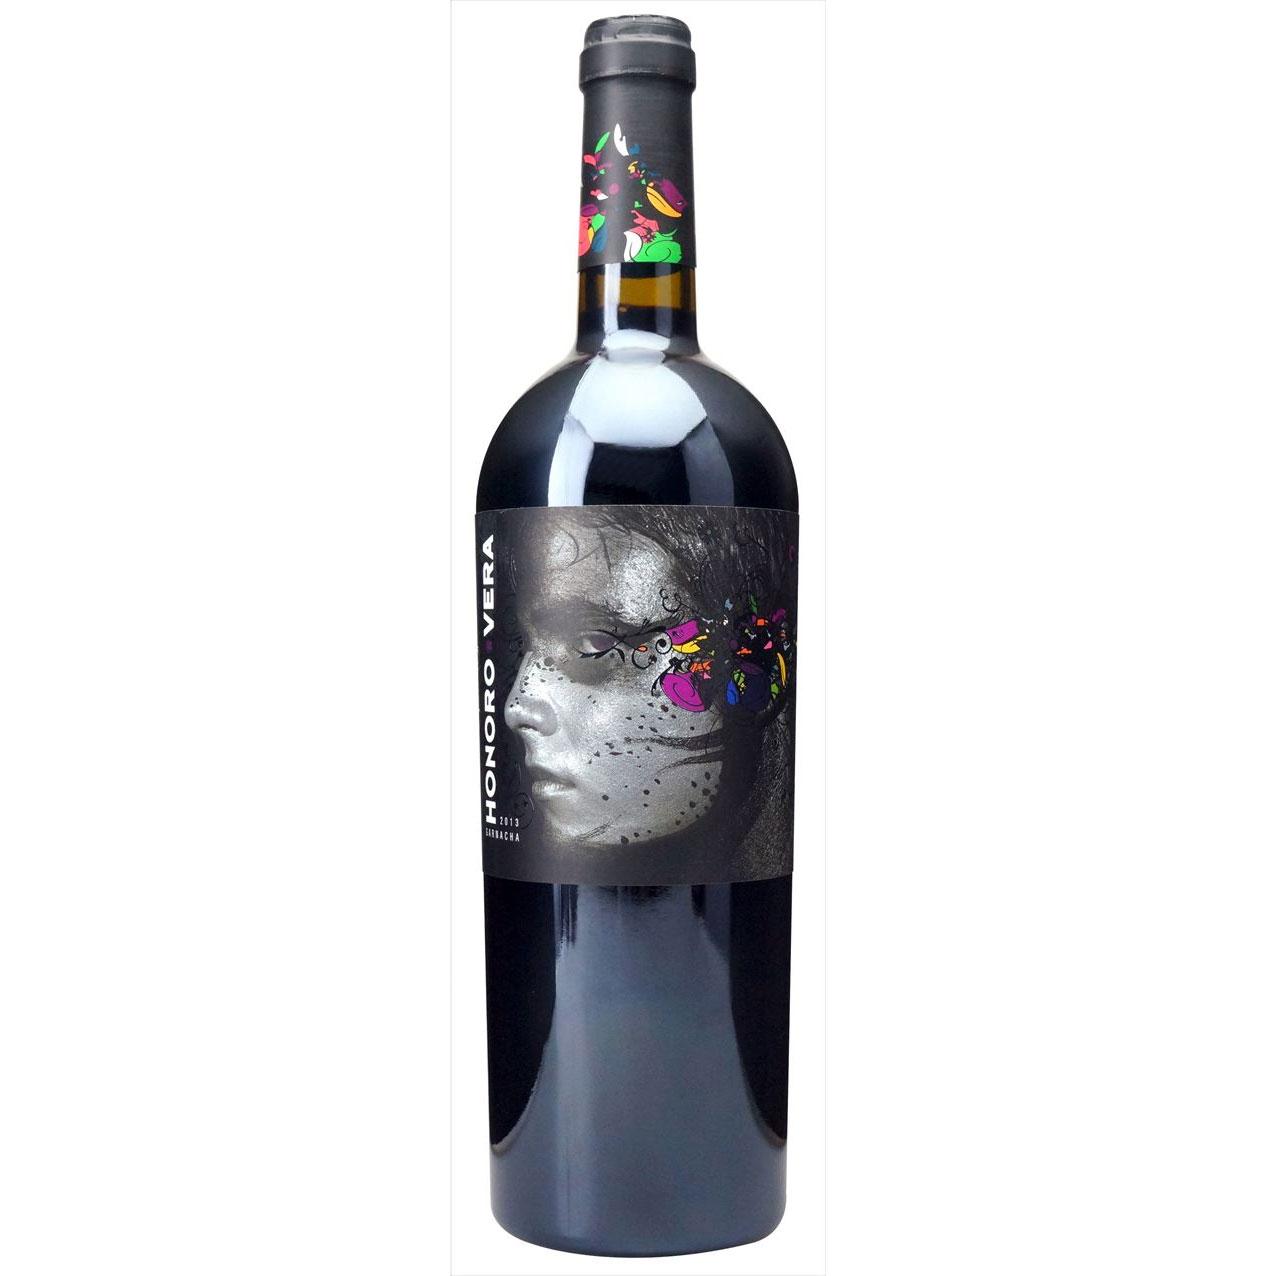 【ラッキーシール対応】母の日 ギフト オノロ ベラ ボデガス アテカ 赤 750ml 12本 スペイン カラタユード 赤ワイン 送料無料 コンビニ受取対応商品 ヴィンテージ管理しておりません、変わる場合があります